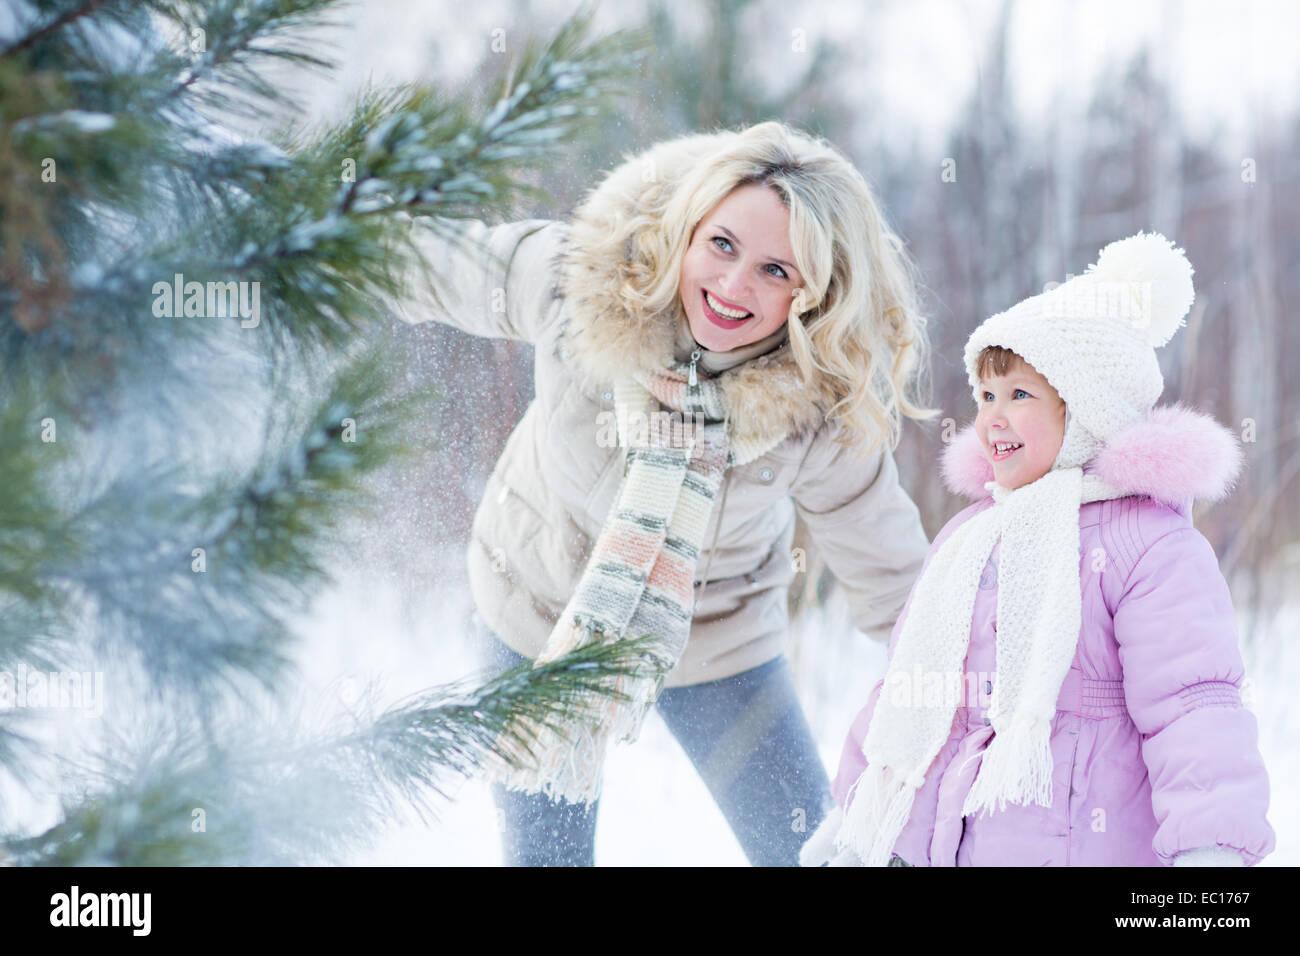 Padre e hijo feliz jugando con nieve en invierno Piscina Imagen De Stock